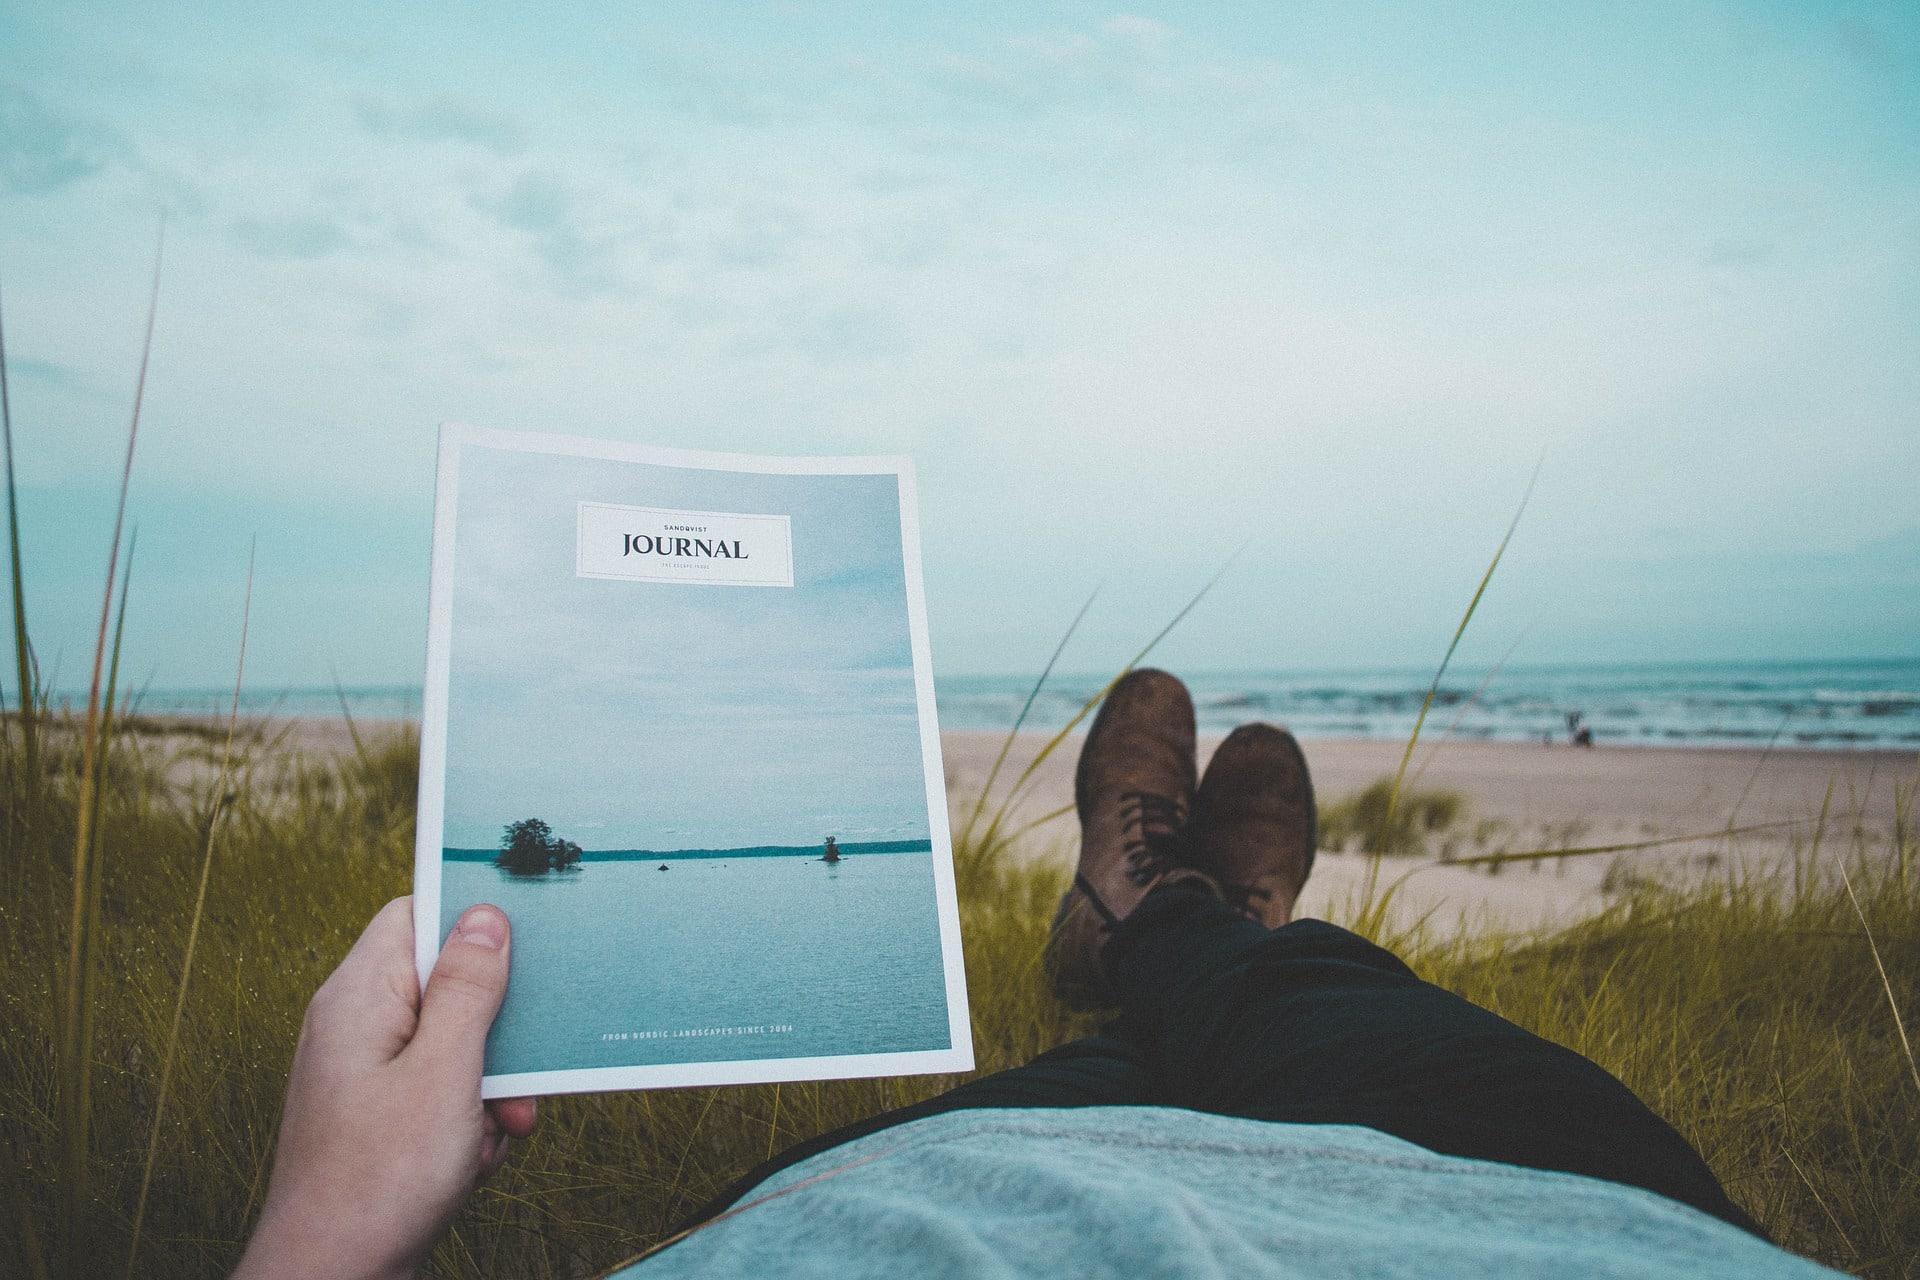 Kunden- und Mitarbeitermagazine – redaktionell Sympathie und Vertrauen schaffen